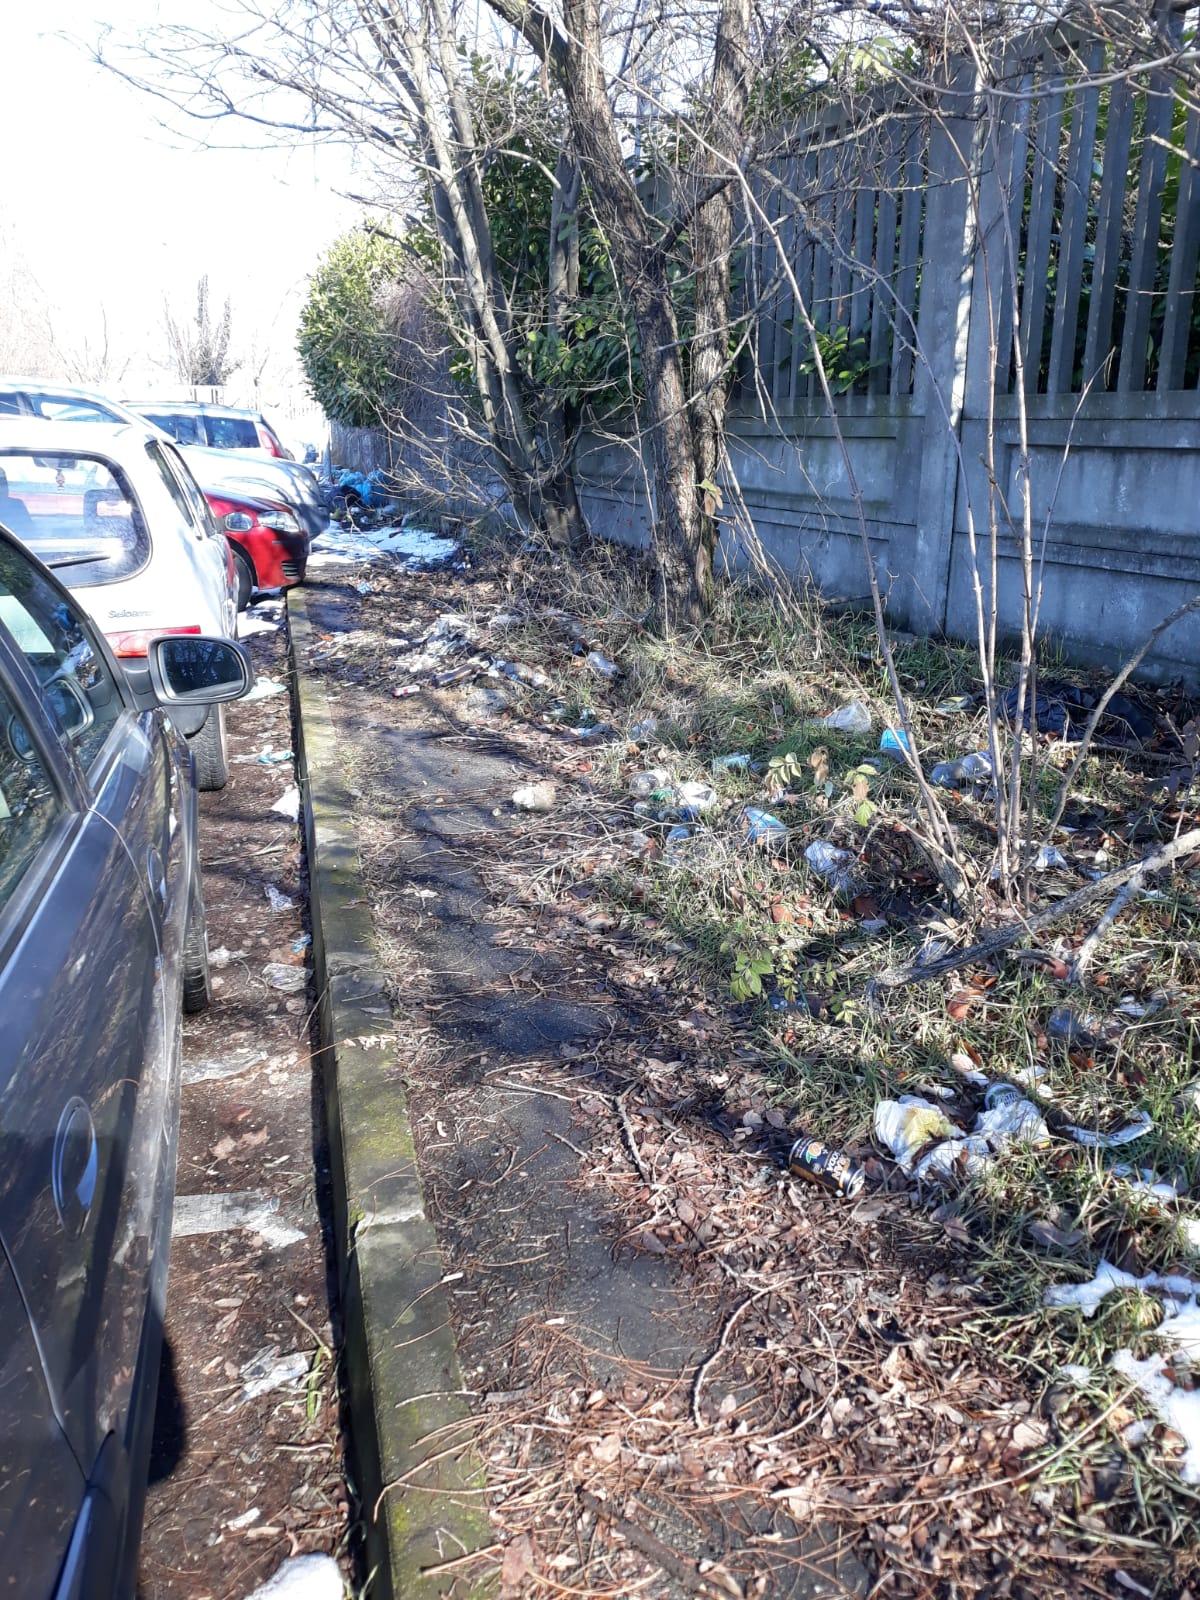 Nuovi mucchi di spazzatura a Trofarello da ripulire, in zona industriale